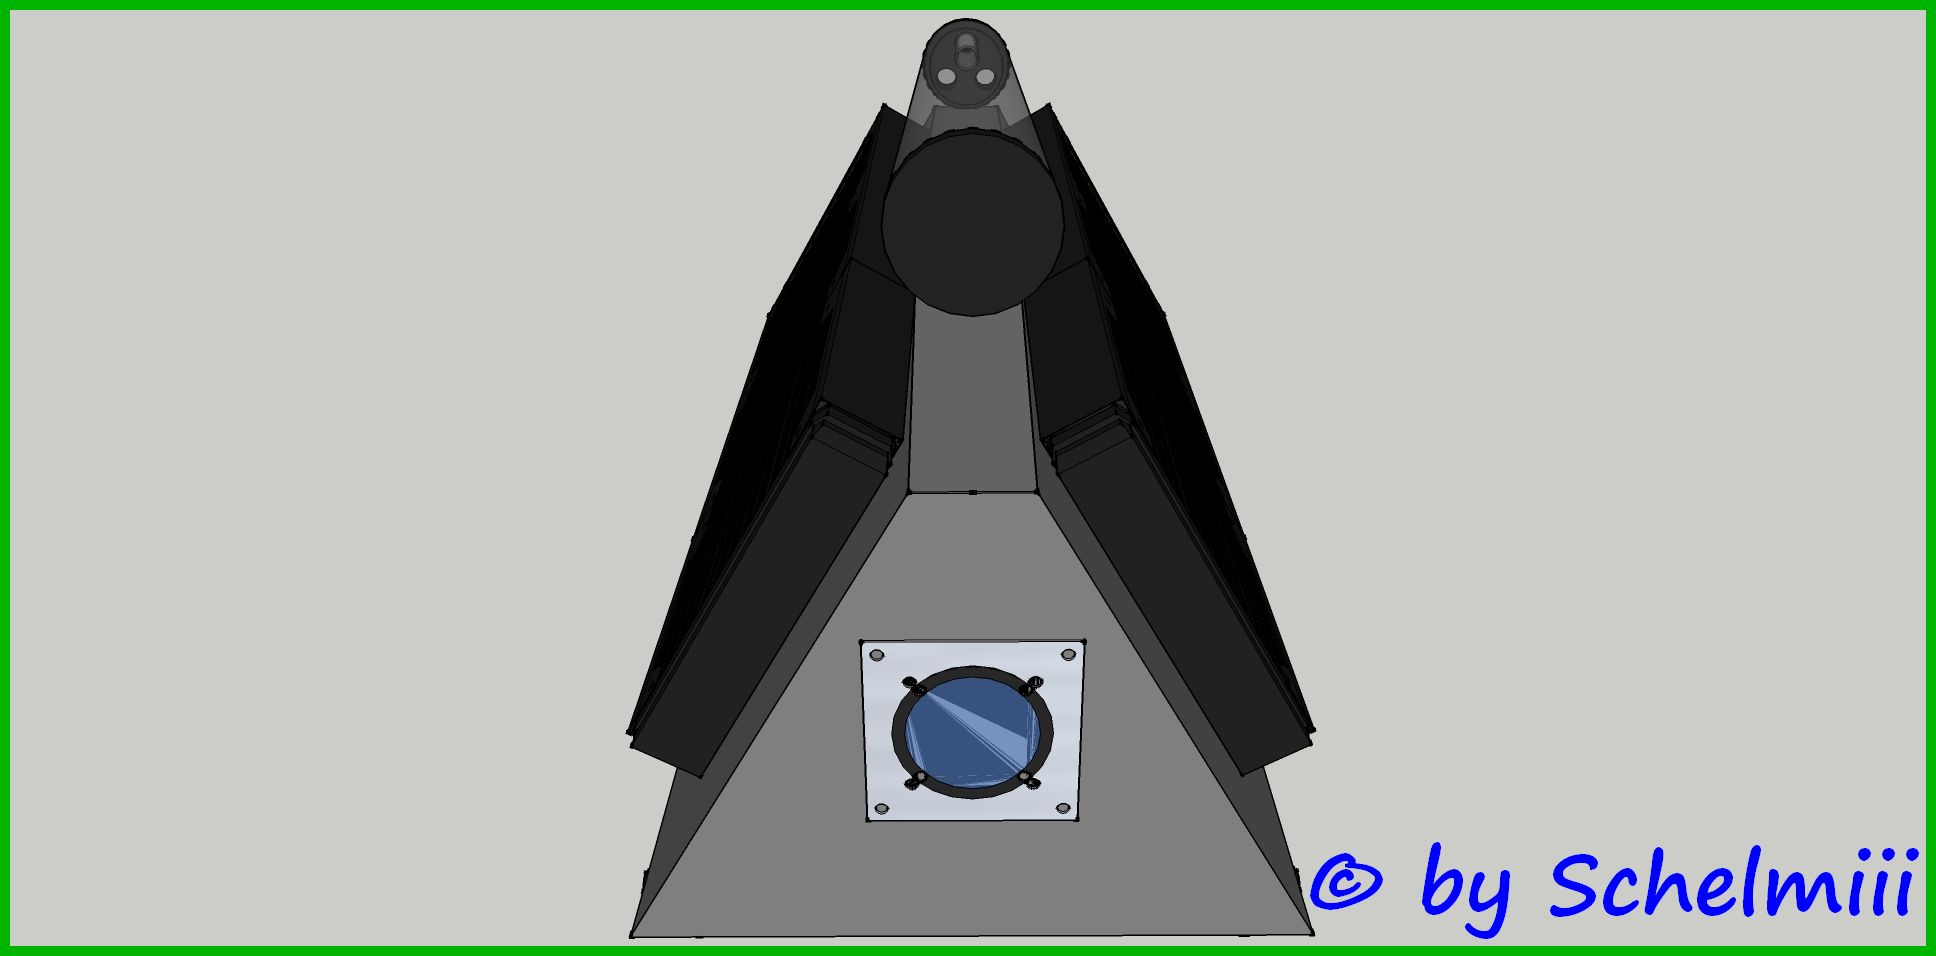 -dachversion3mit-la-fter-radi-filter-agb2_-arc.mod.byschelmiii-.jpg